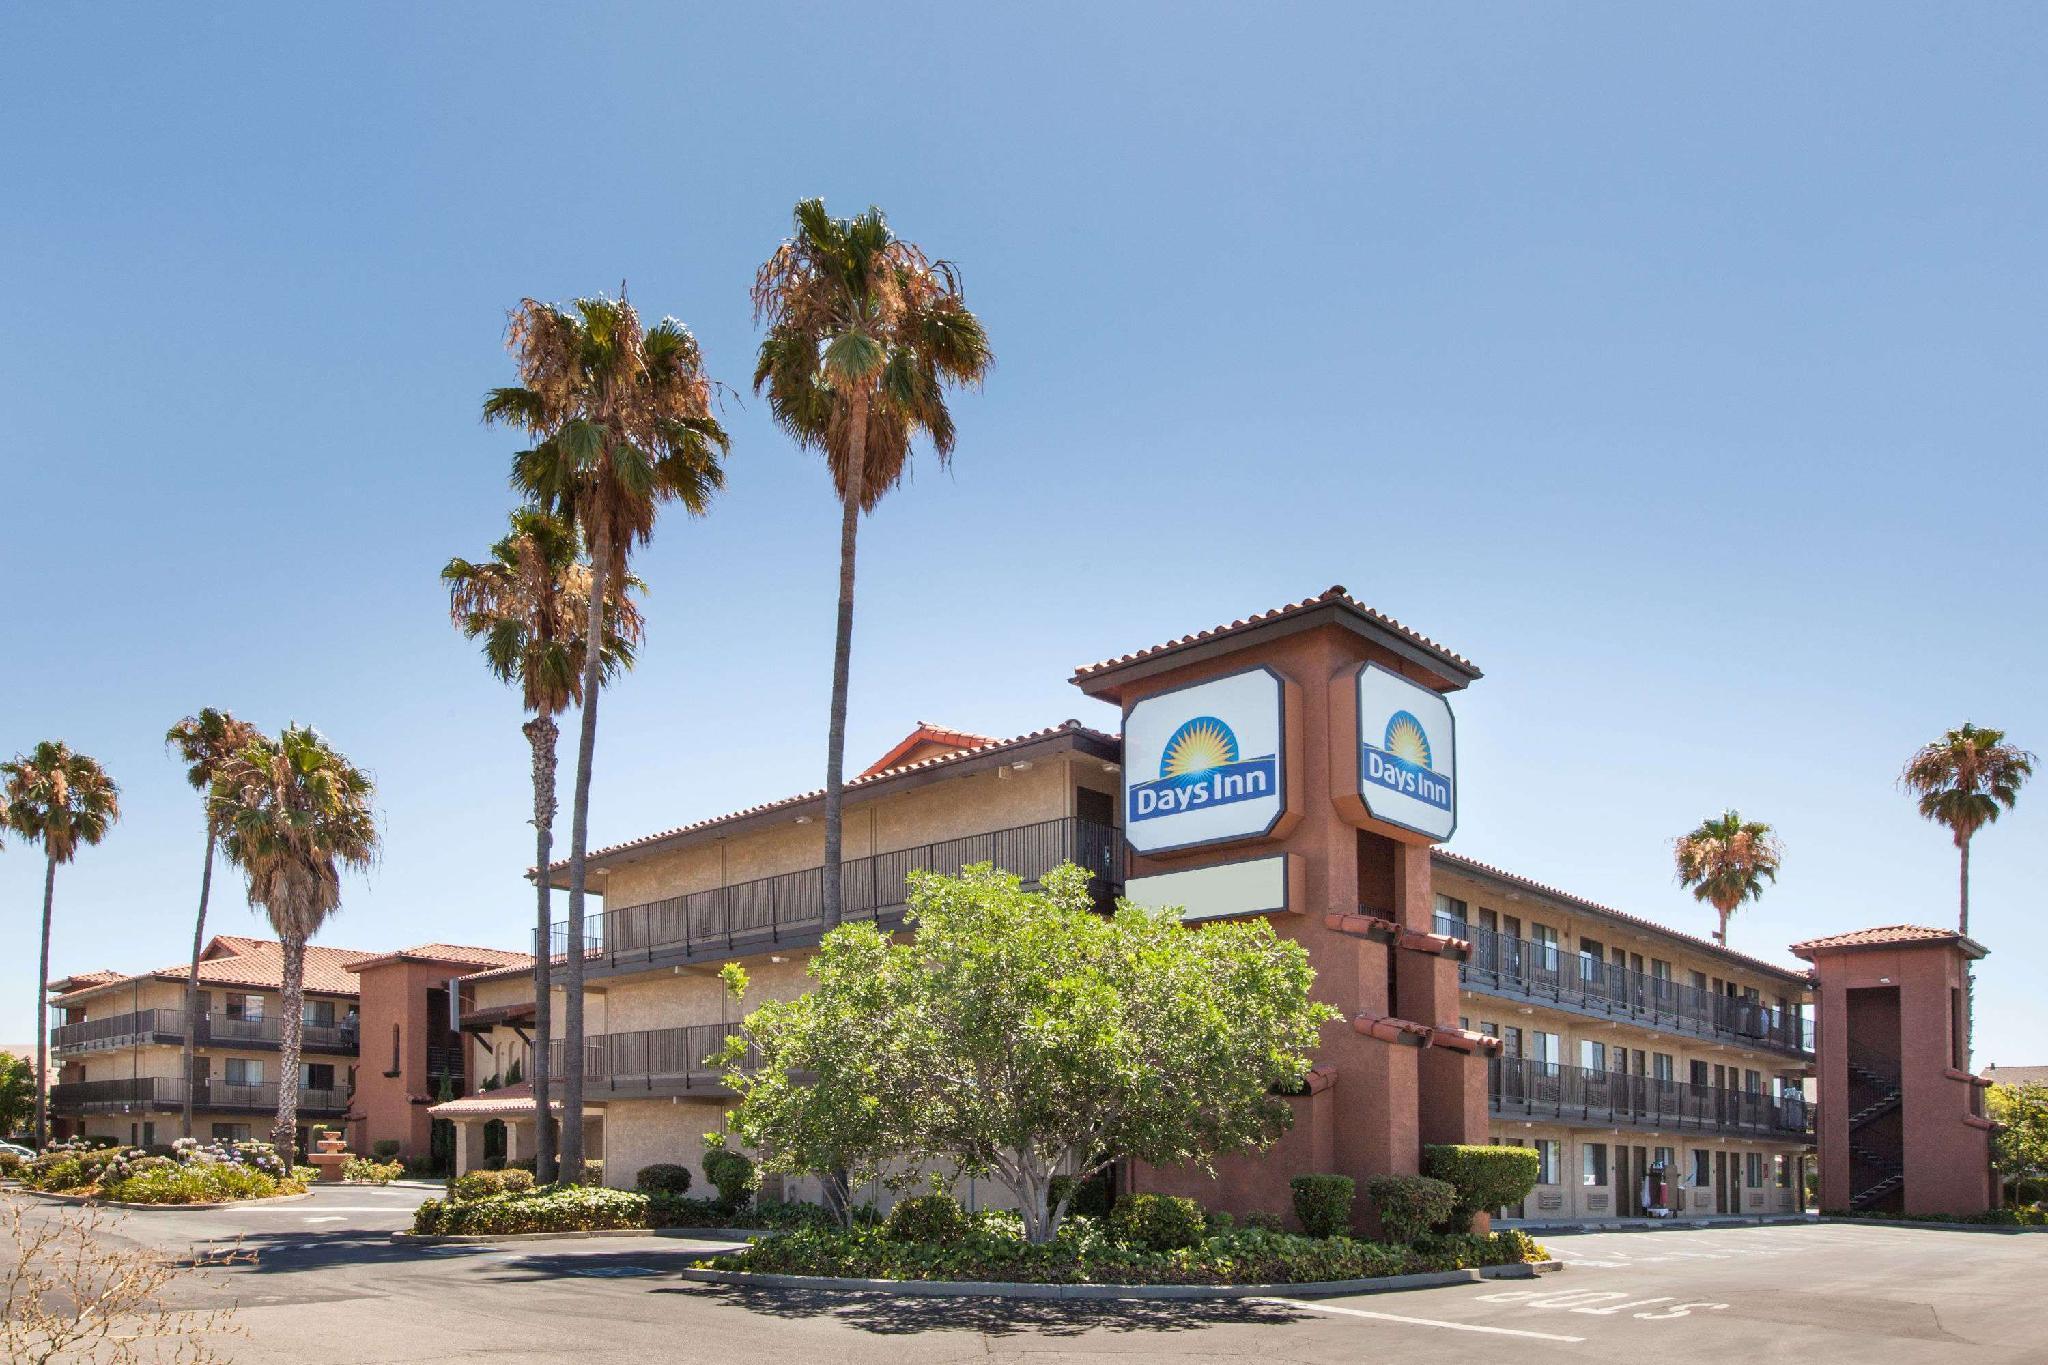 Days Inn By Wyndham San Jose Milpitas